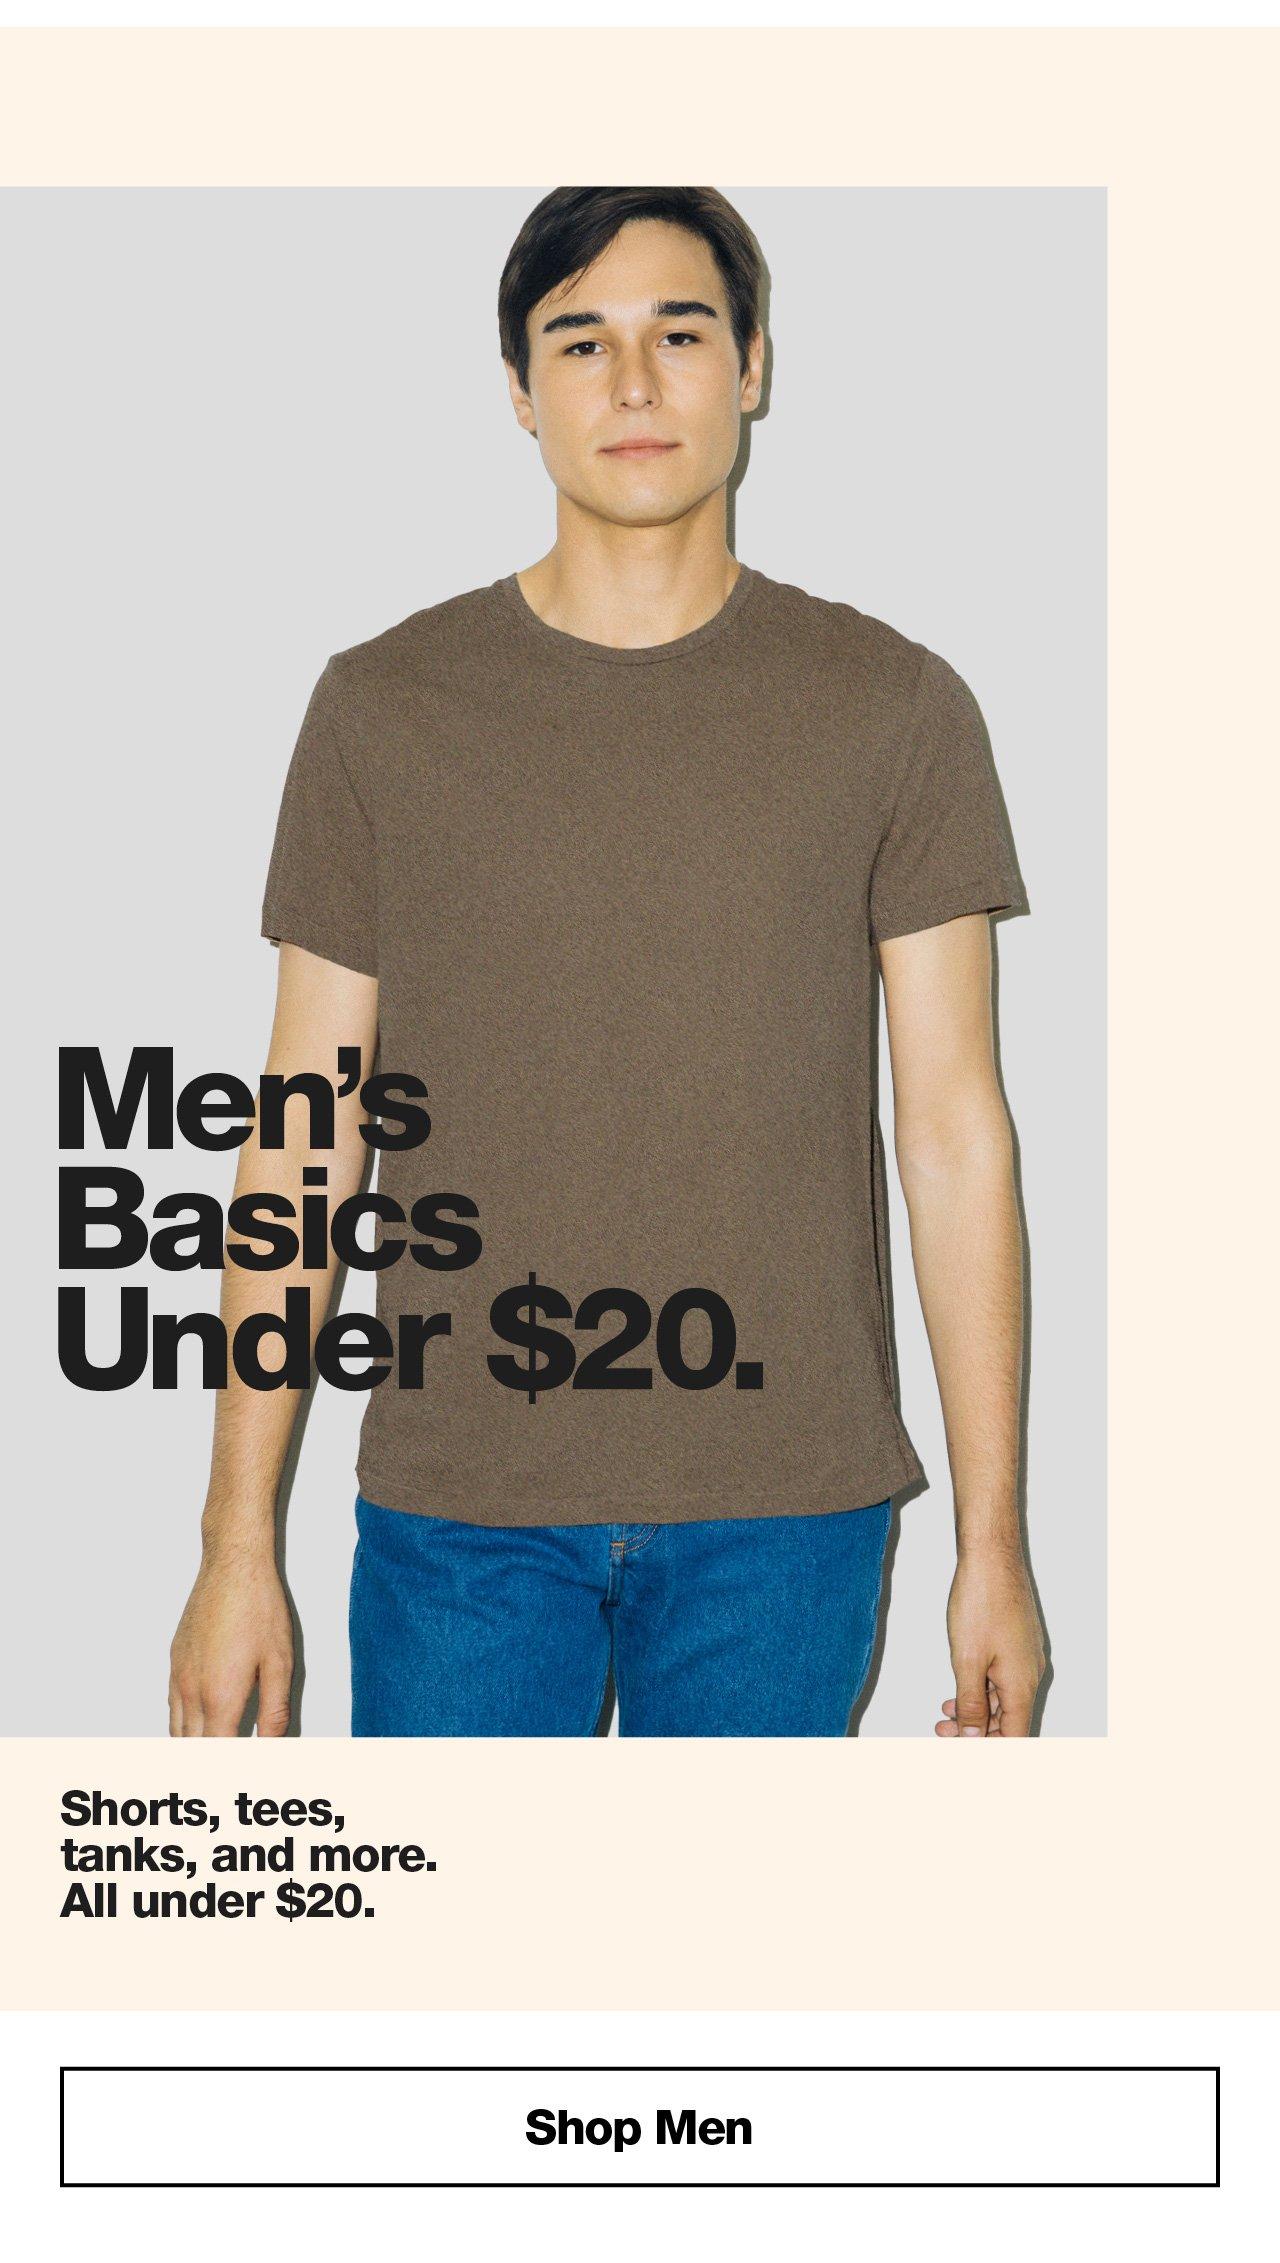 Men's Basics Under $20